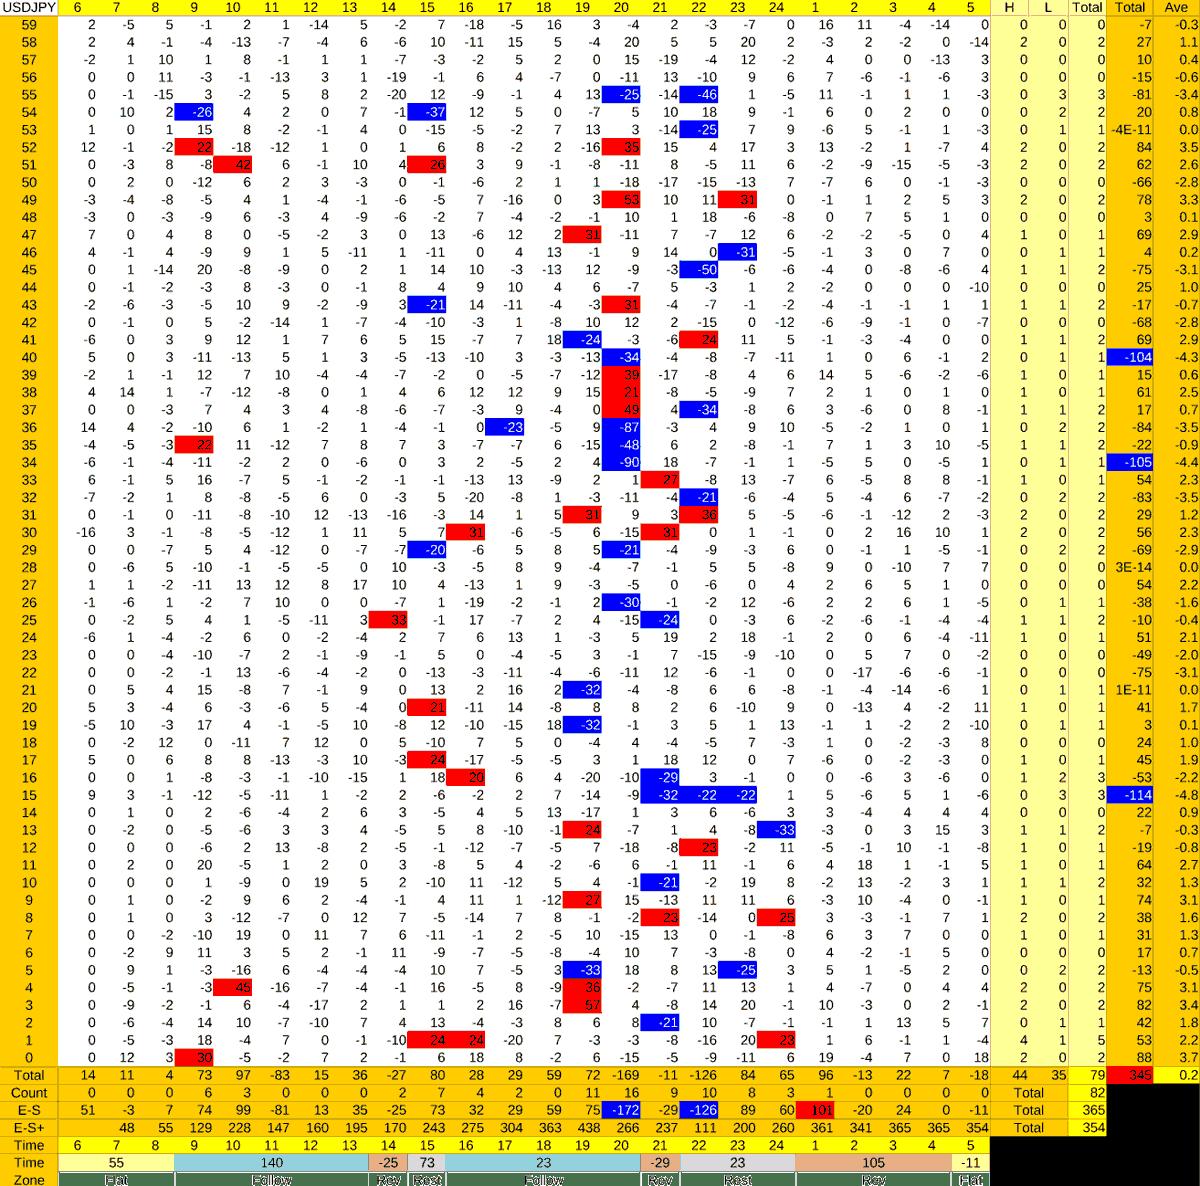 20210623_HS(1)USDJPY